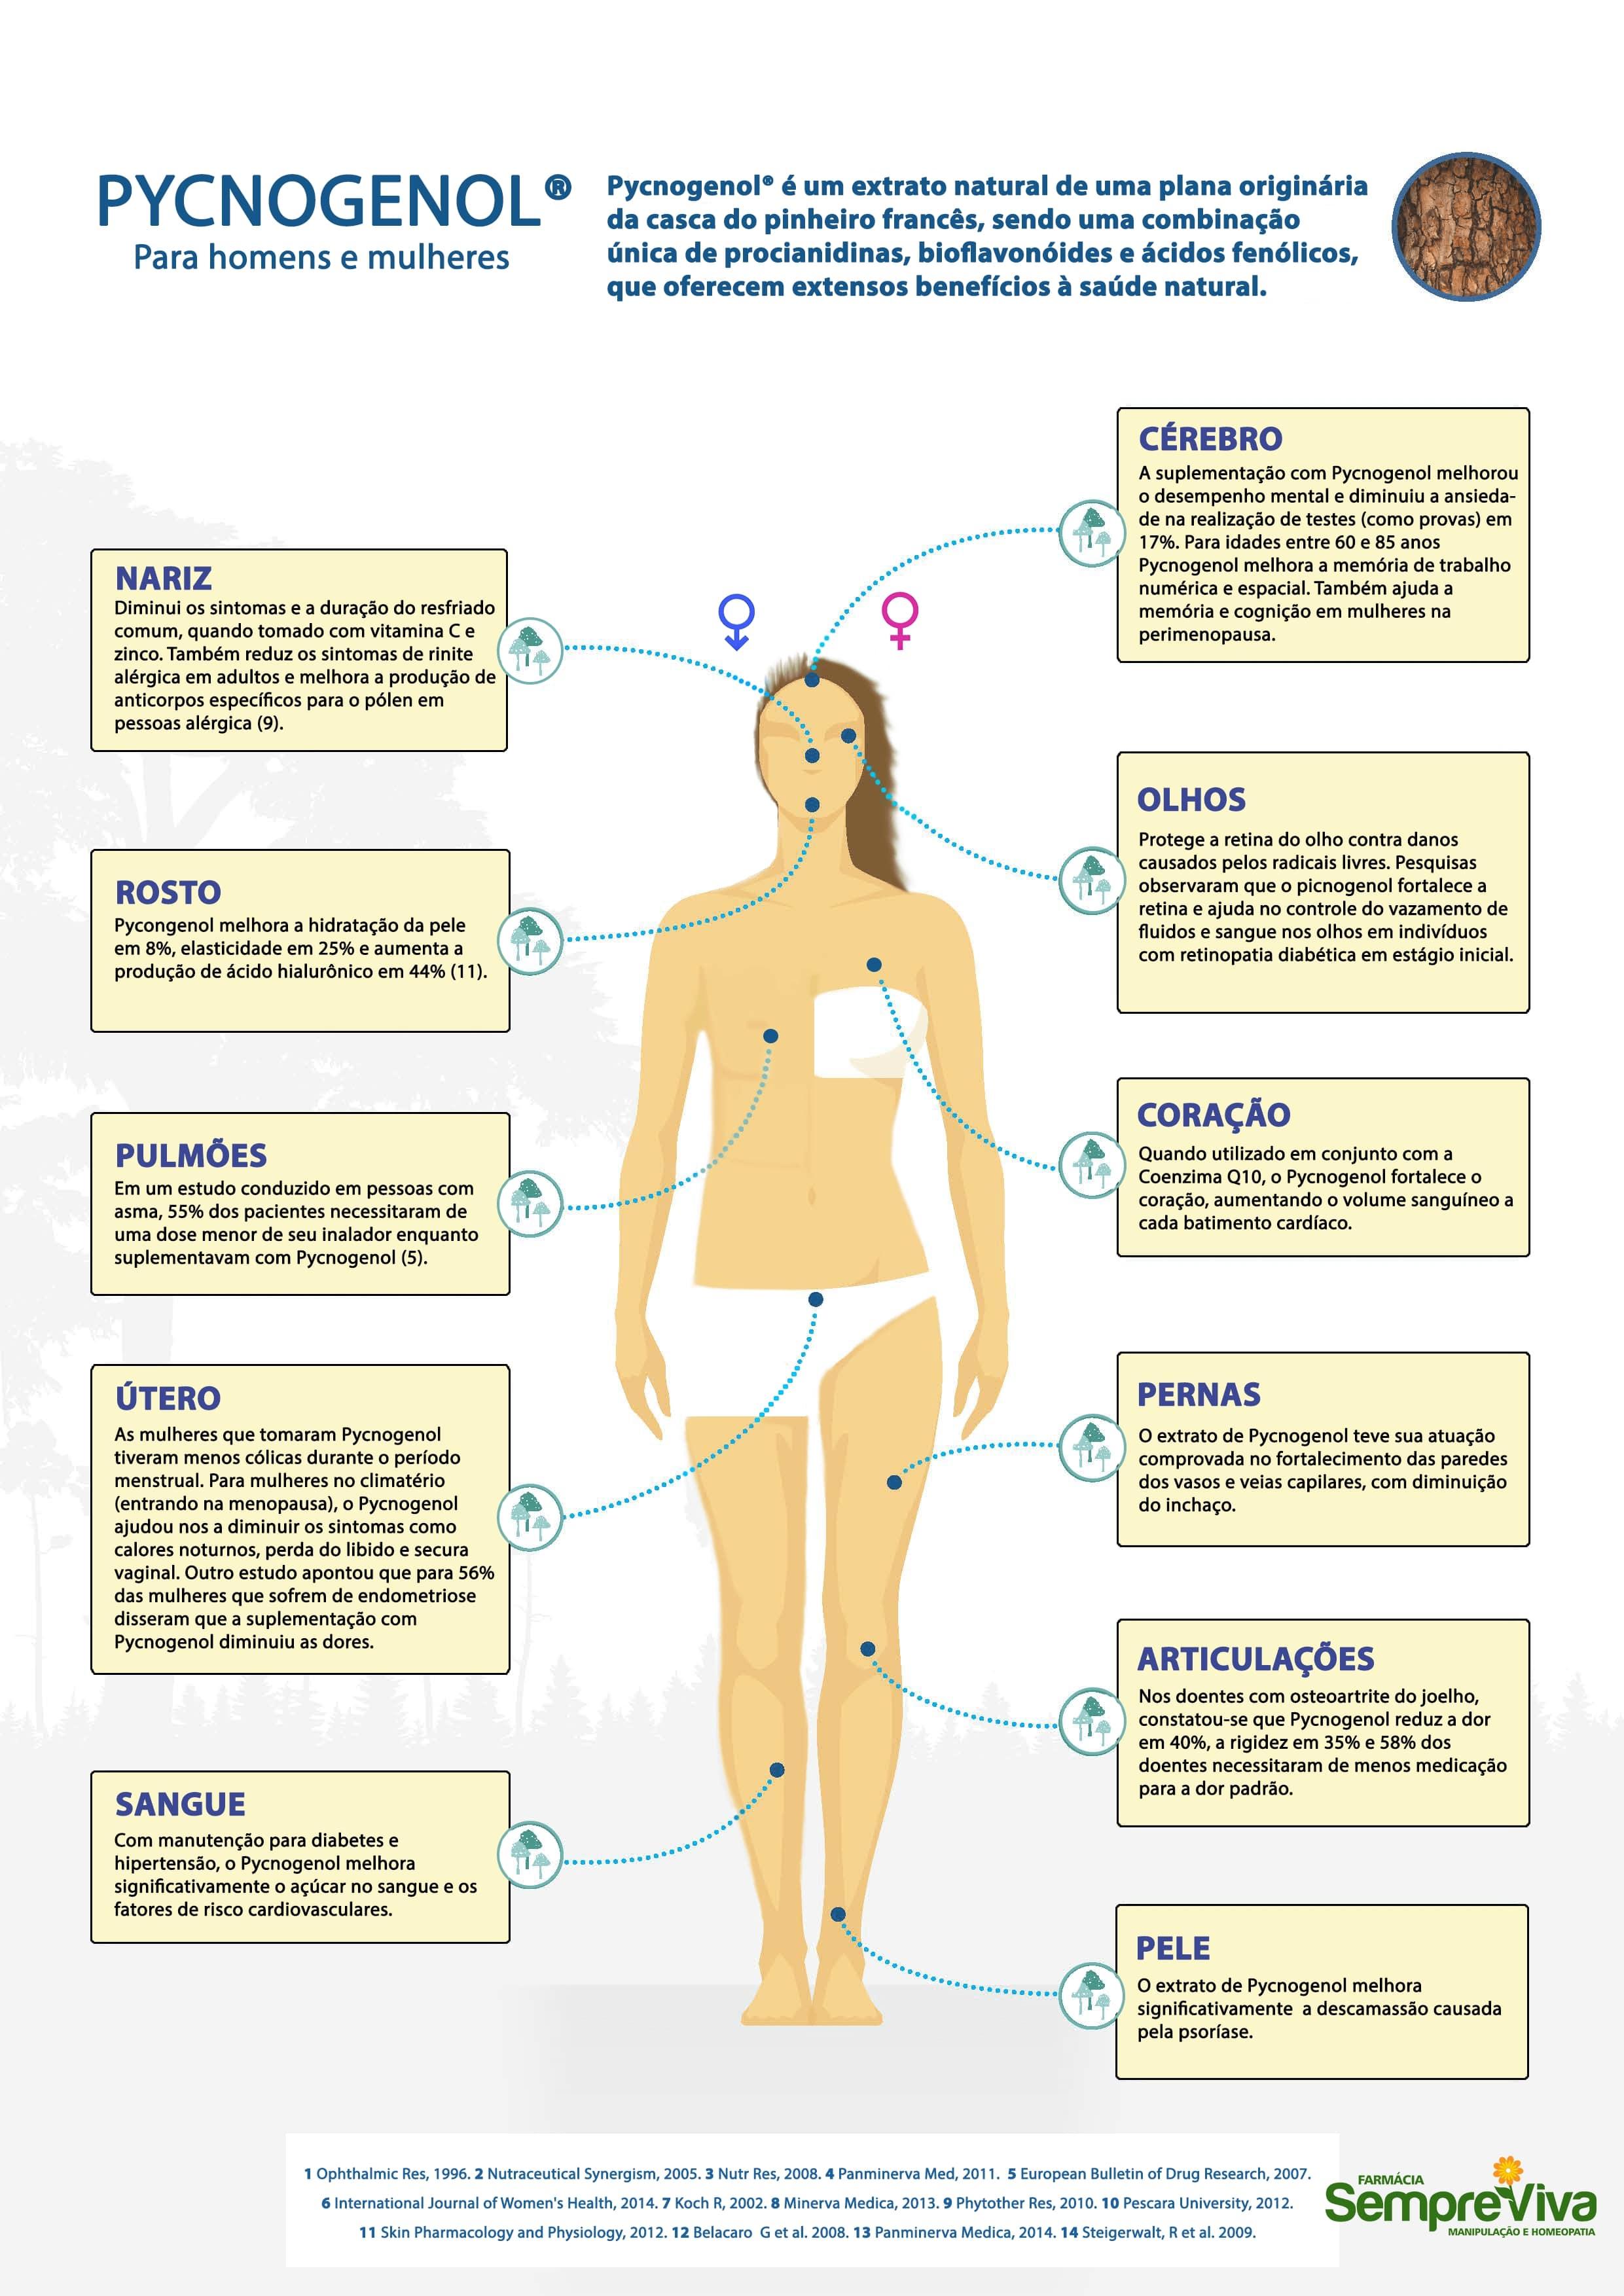 Pycnogenol Antioxidante - Tabela de indicações